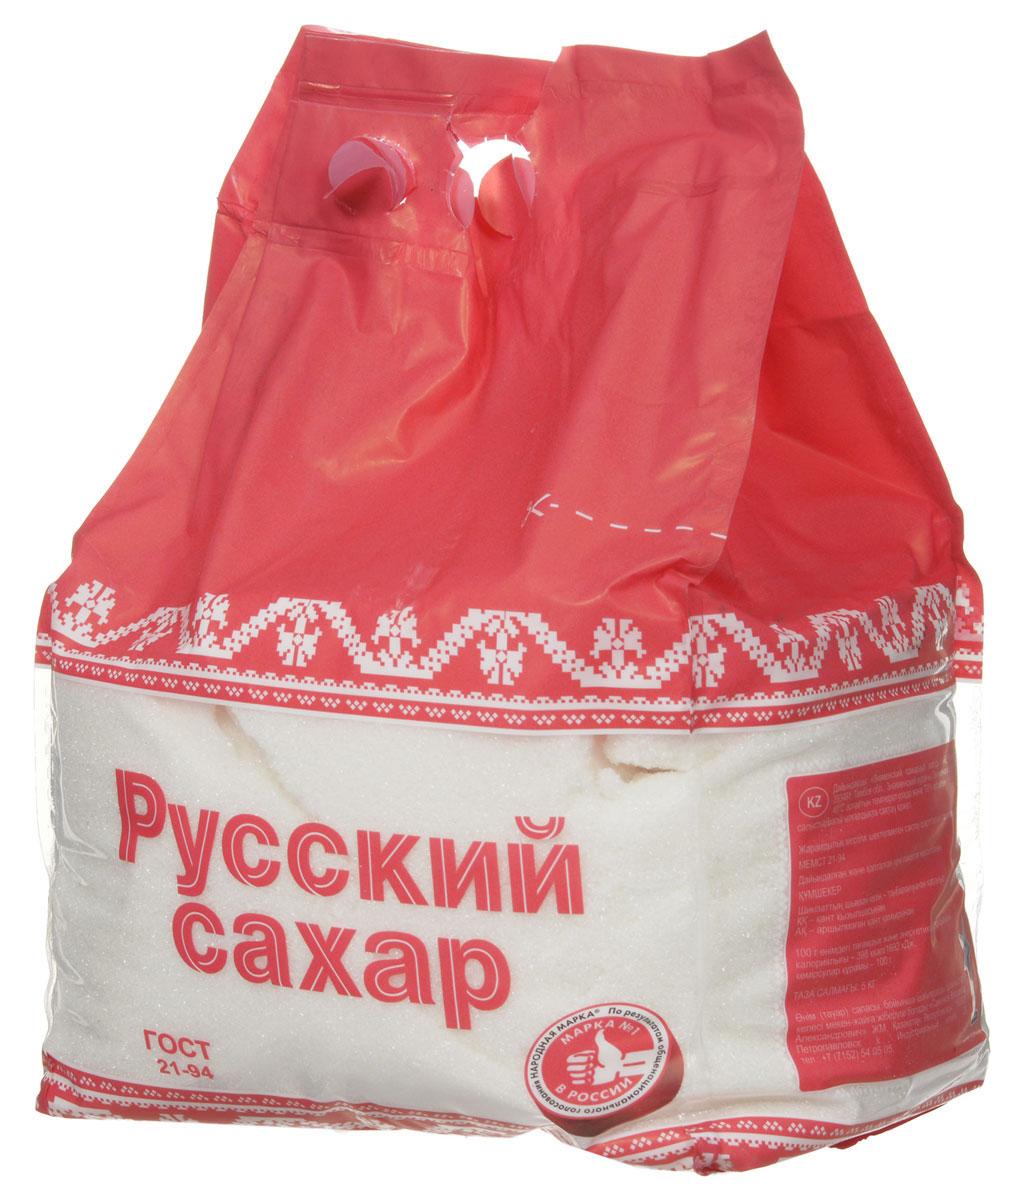 Русский сахар сахарный песок, 5 кг81042Сахарный песок Русский сахар изготовлен из качественного сырья - сахарной свеклы. Отлично подойдет как ингредиент для приготовления пищи и ежедневного употребления с различными напитками.Уважаемые клиенты! Обращаем ваше внимание на то, что упаковка может иметь несколько видов дизайна. Поставка осуществляется в зависимости от наличия на складе.